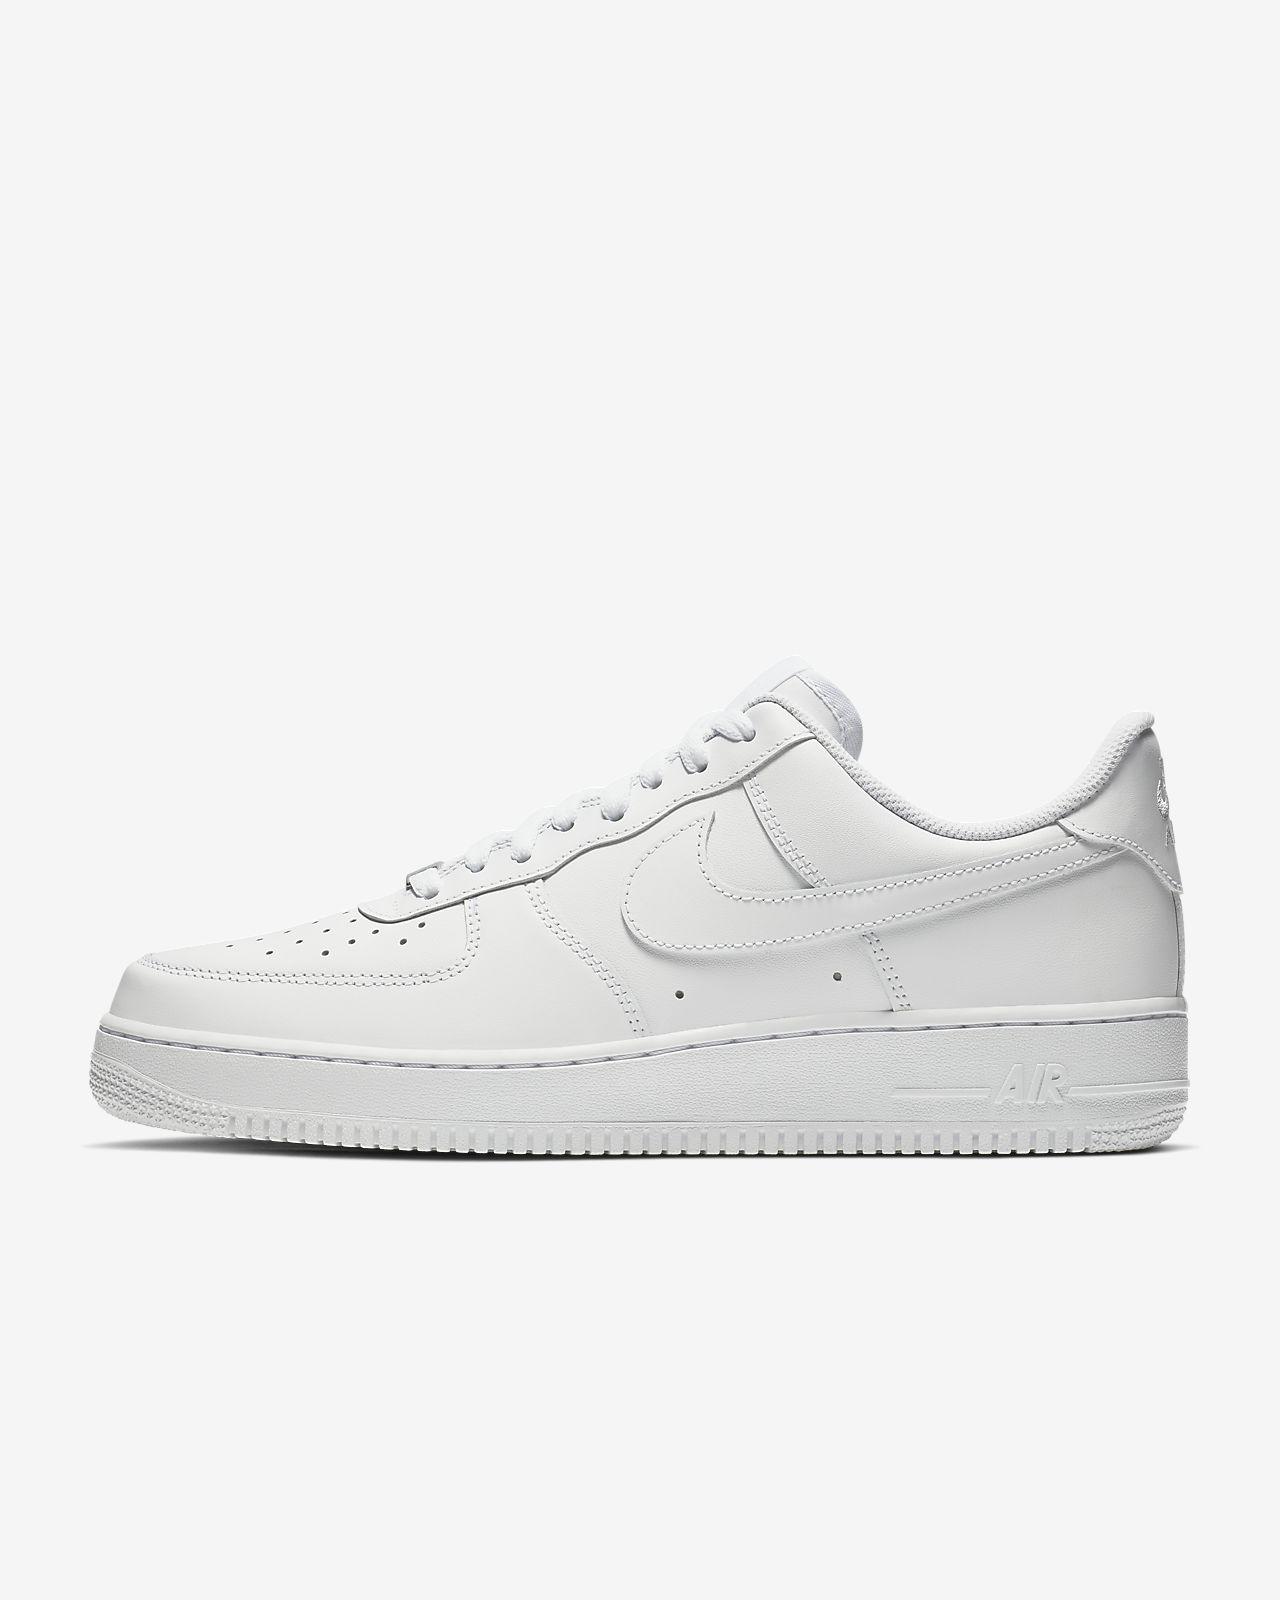 Sapatilhas Nike Air Force 1 '07 branco Triplo para homem